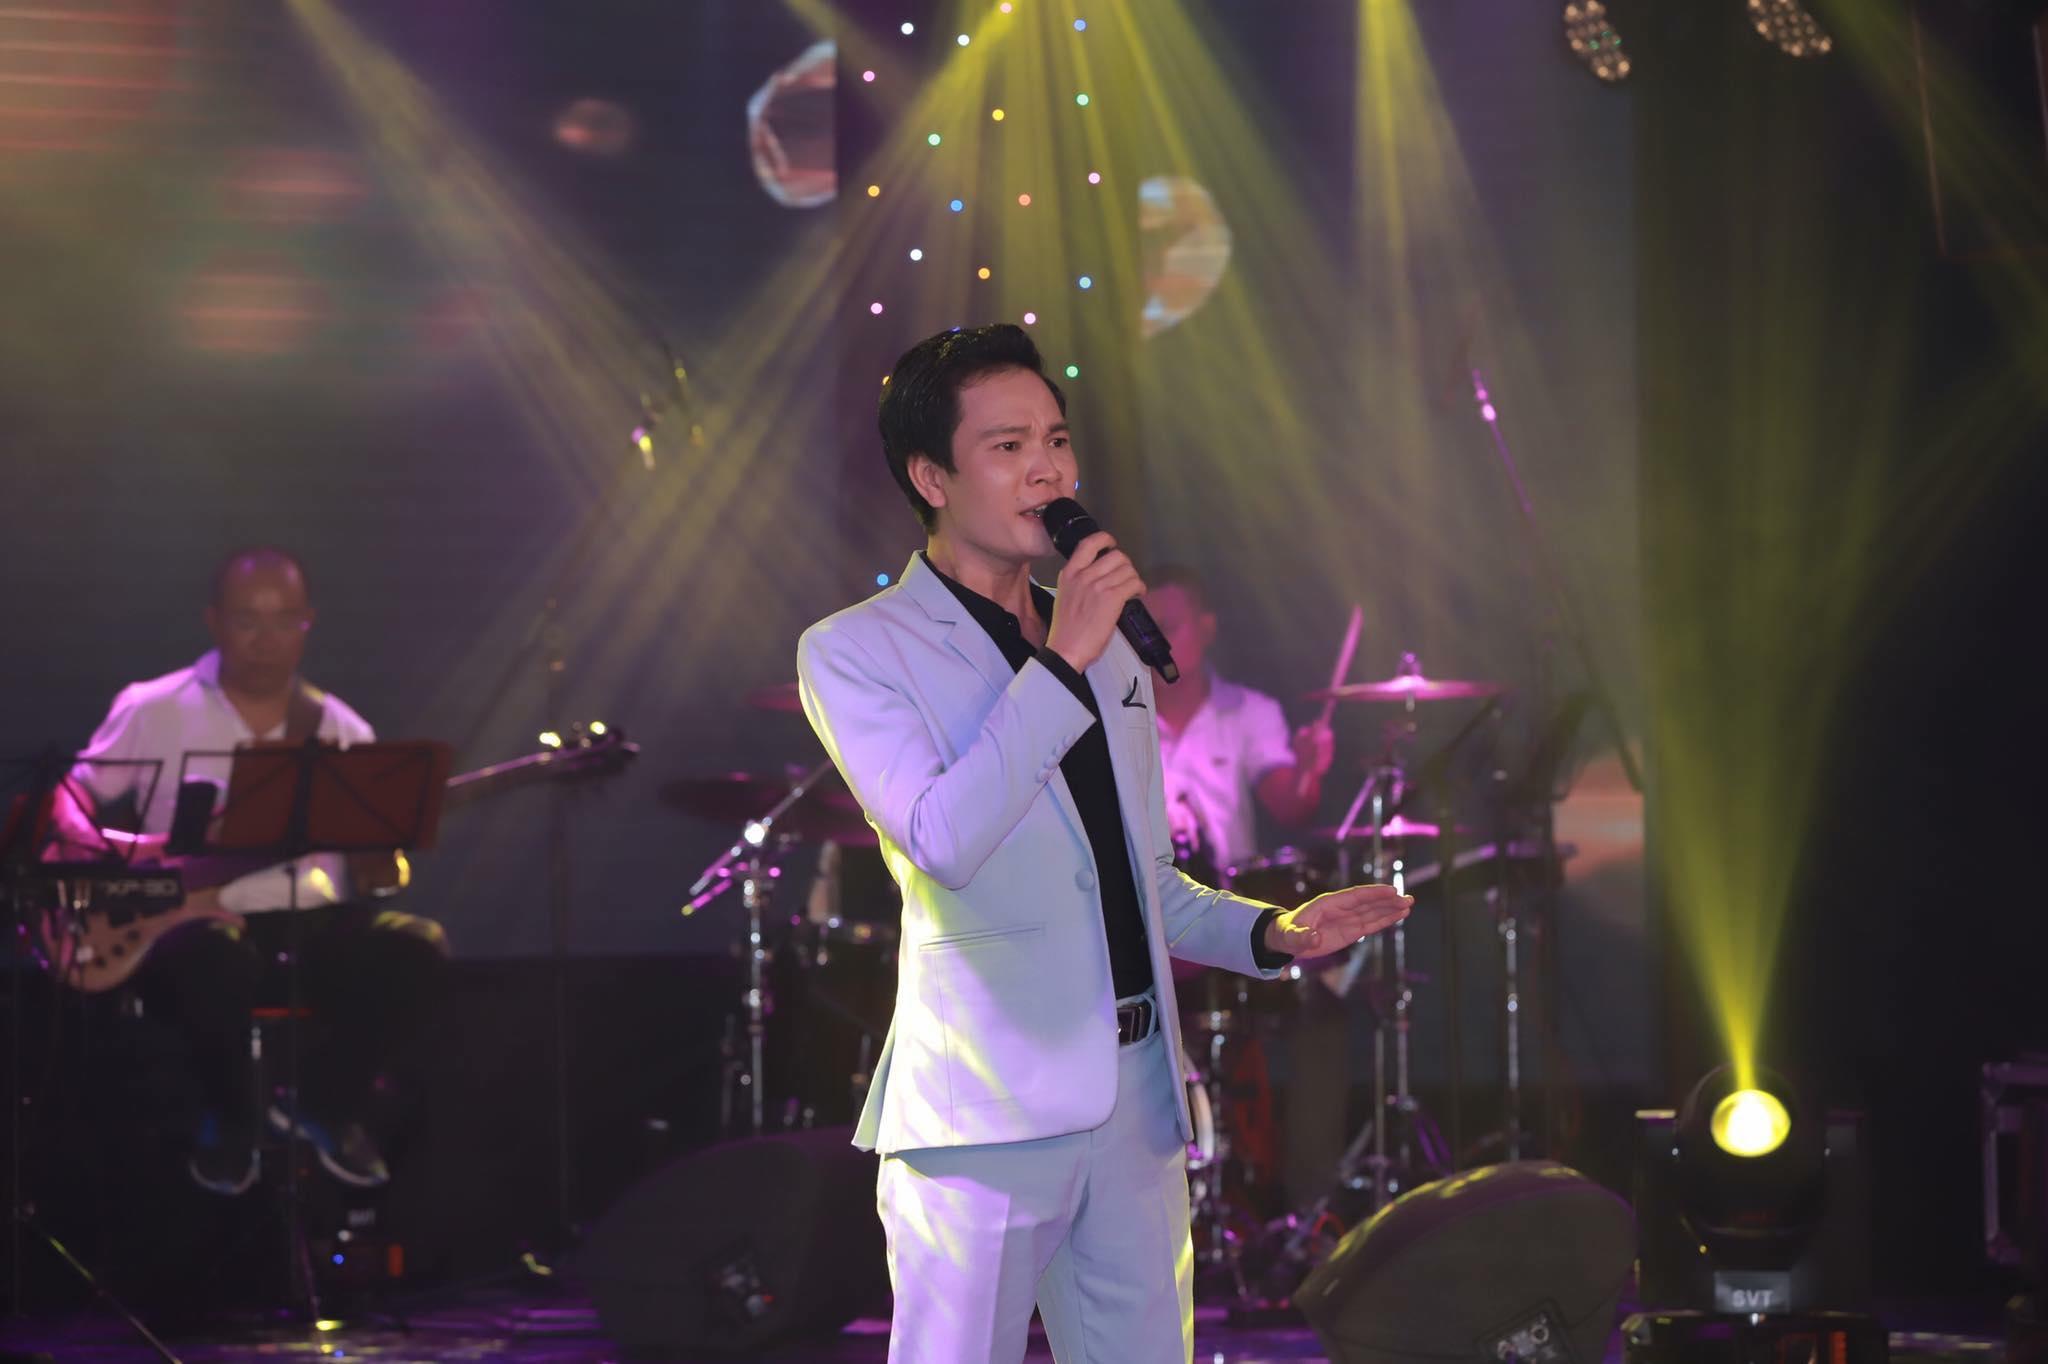 Ca sĩ hát đám cưới 10 tỷ cho đại gia Bắc Ninh trần tình lý do